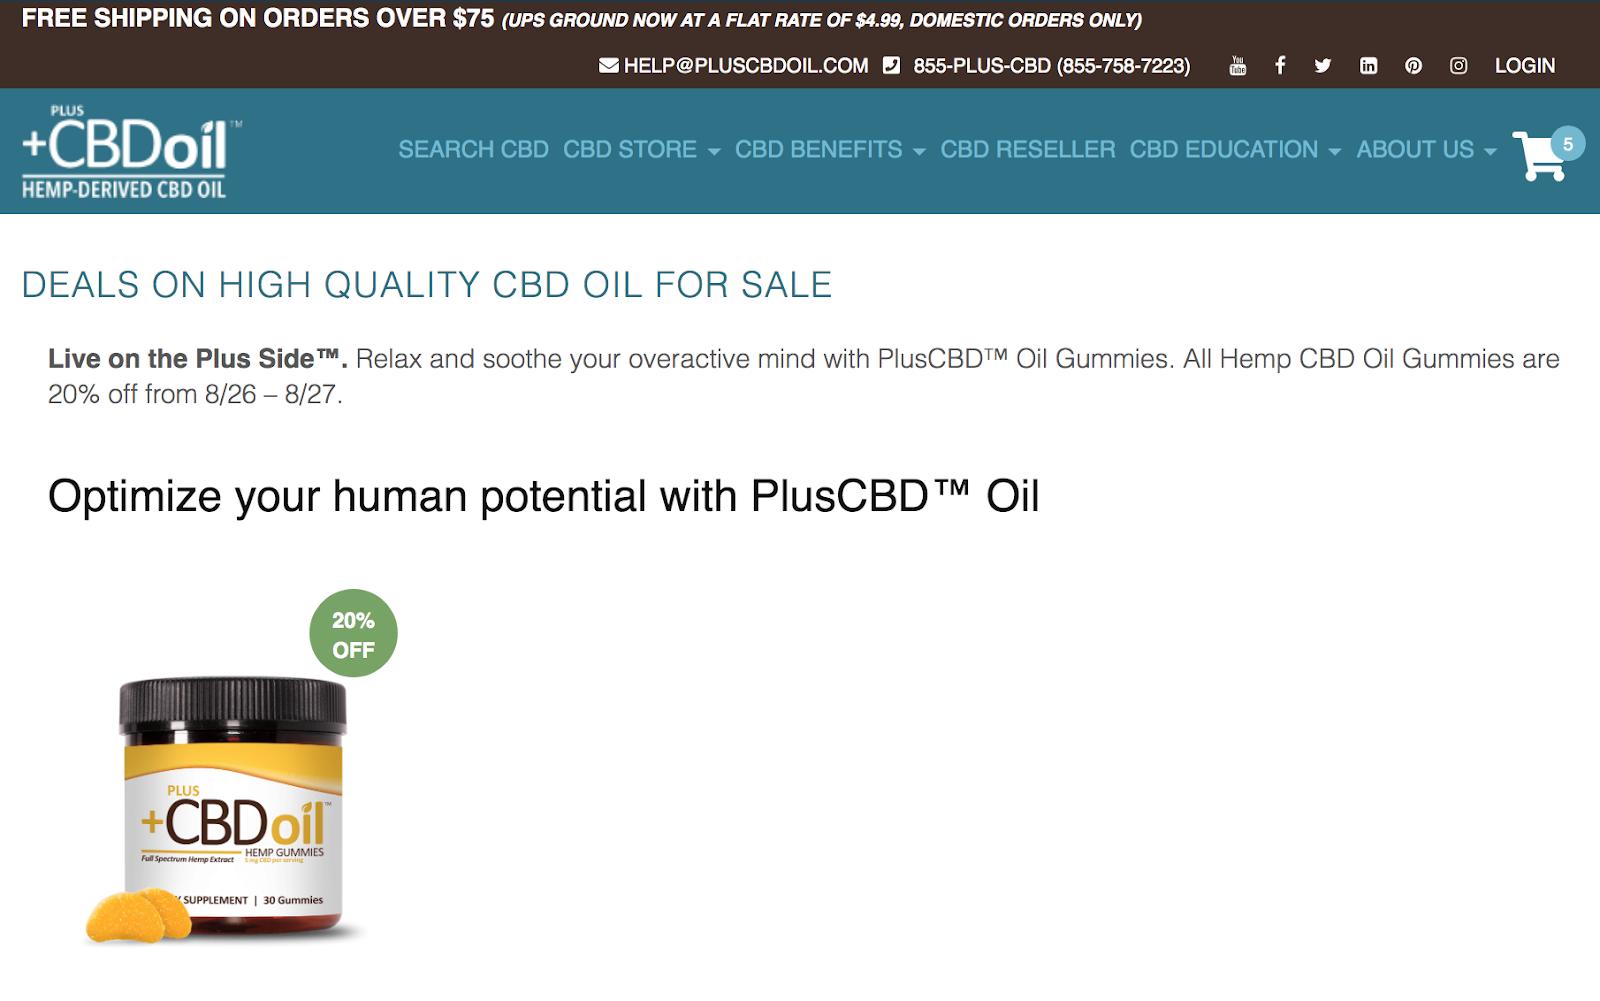 pluscbd oil deals page